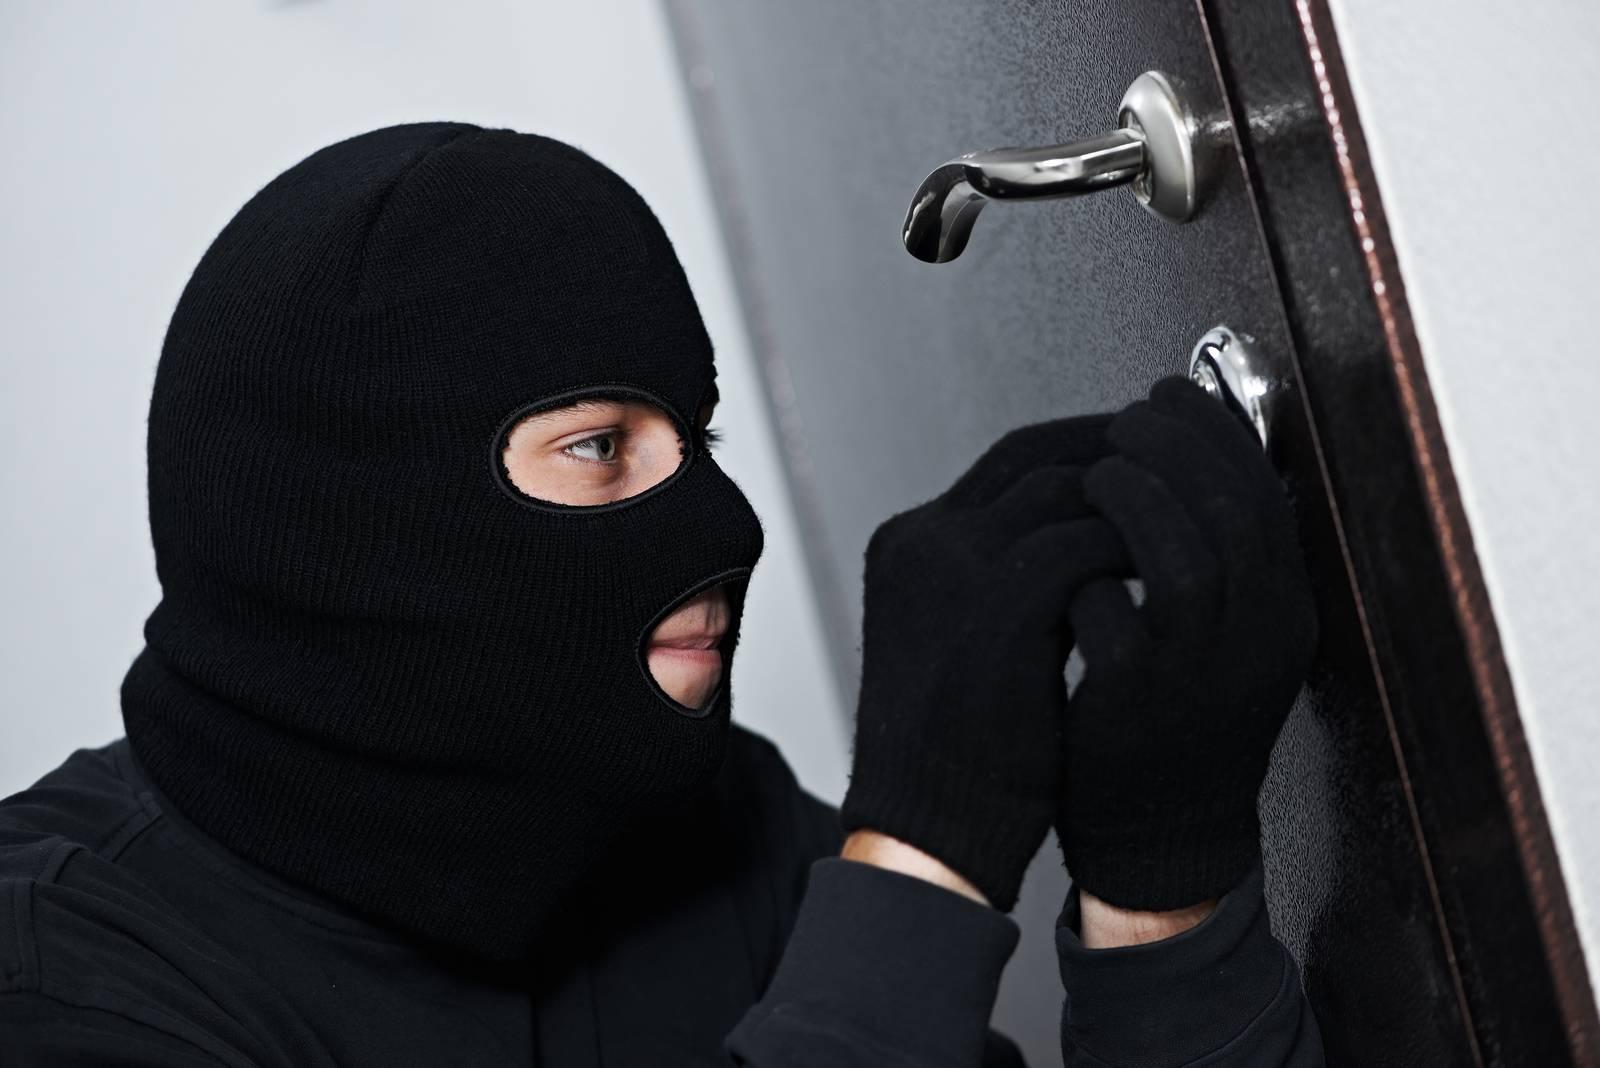 Elektrik kesilirse ya da hırsız alarm sisteminin sigortasını kapatırsa ne olacak?